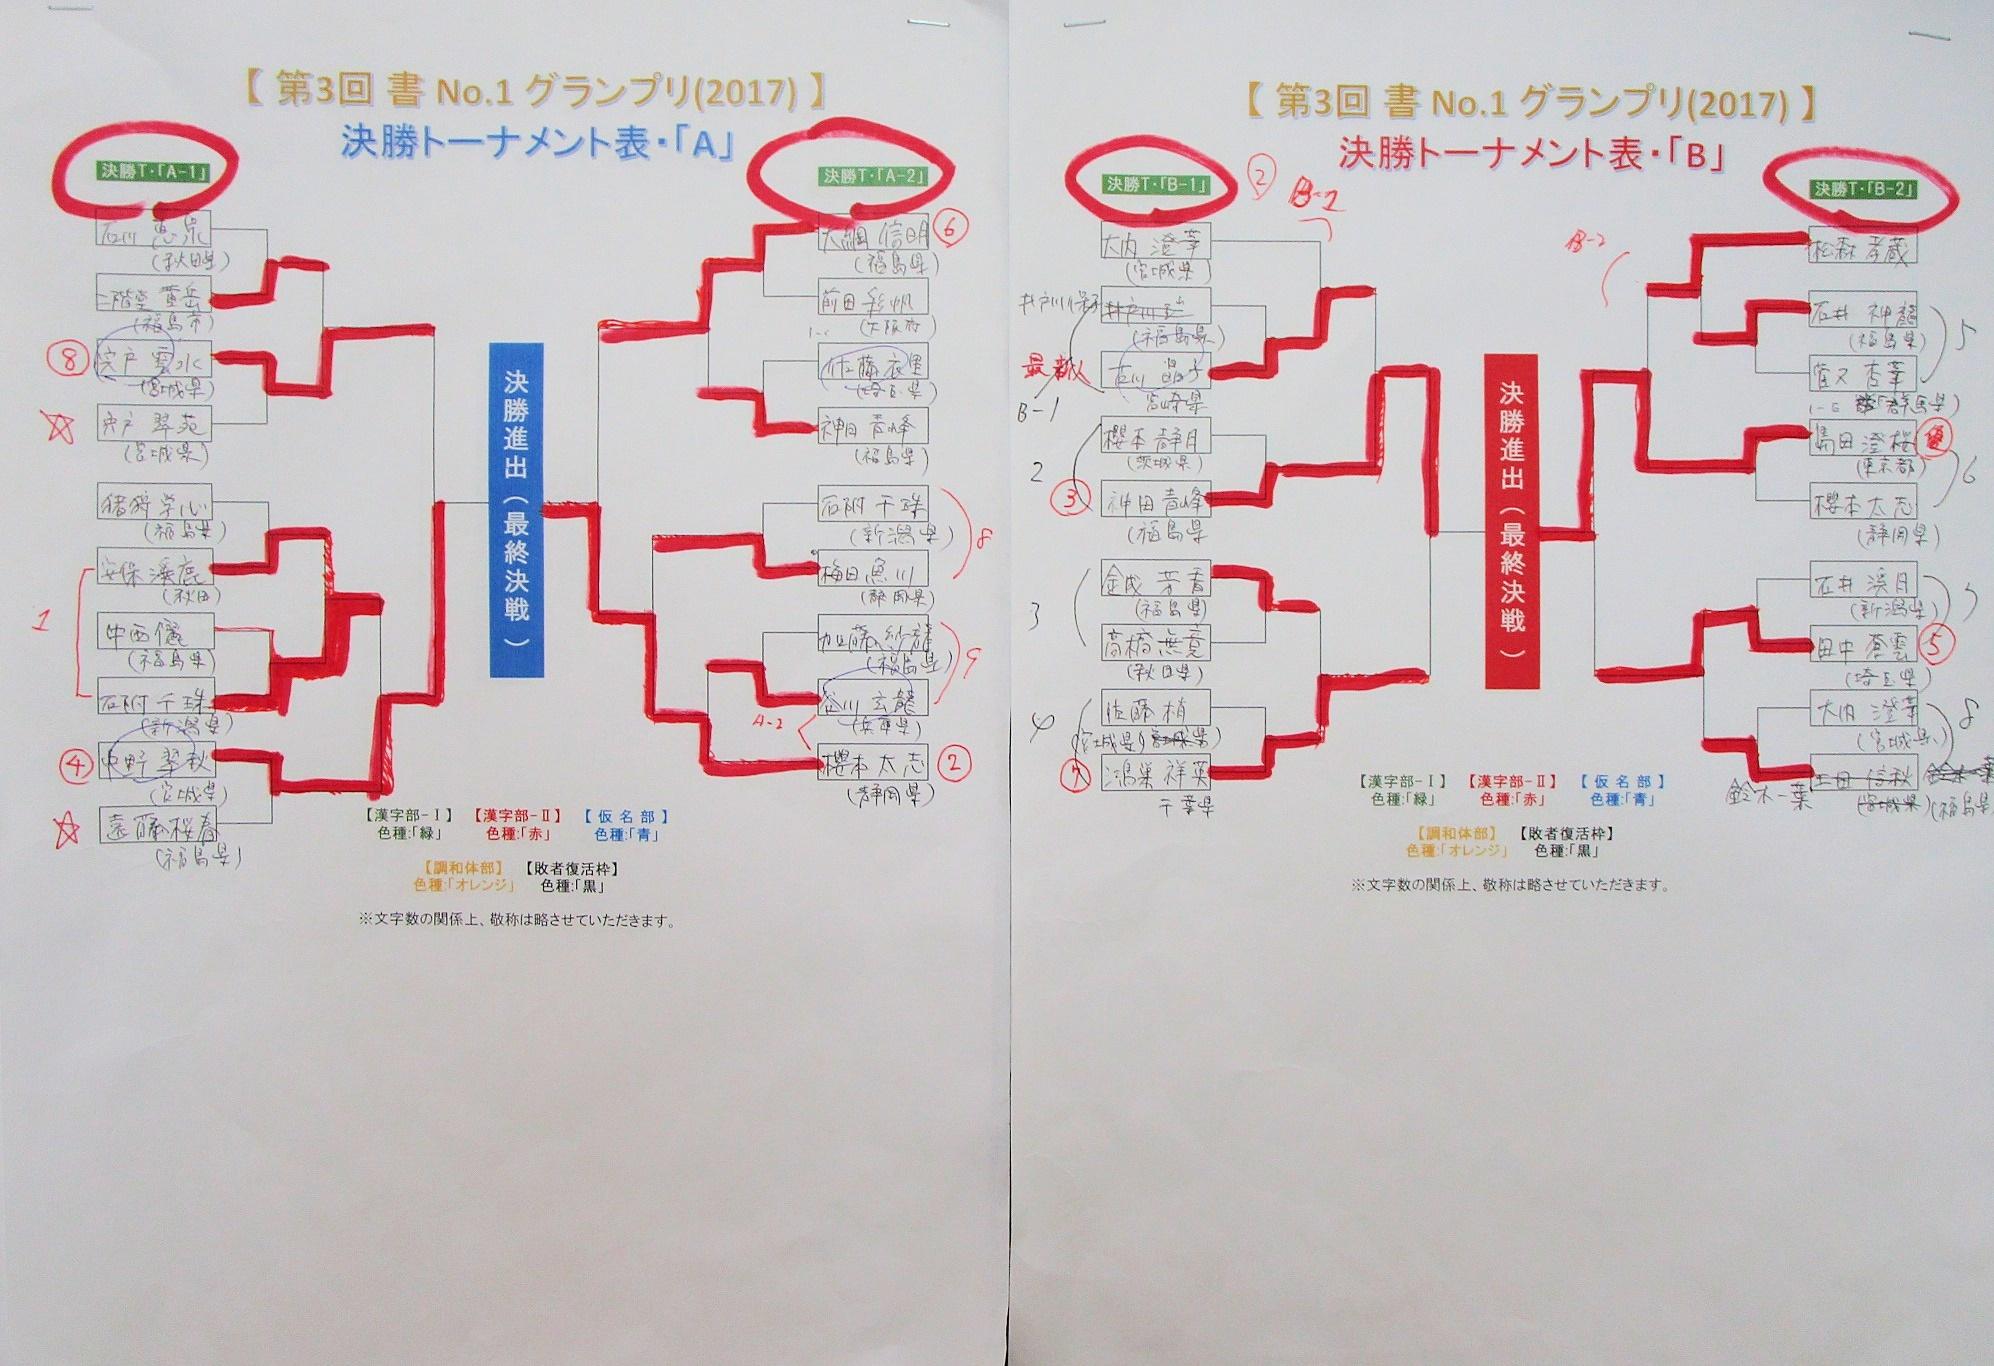 第3回 書 No-1 グランプリ(2017) 決勝トーナメント